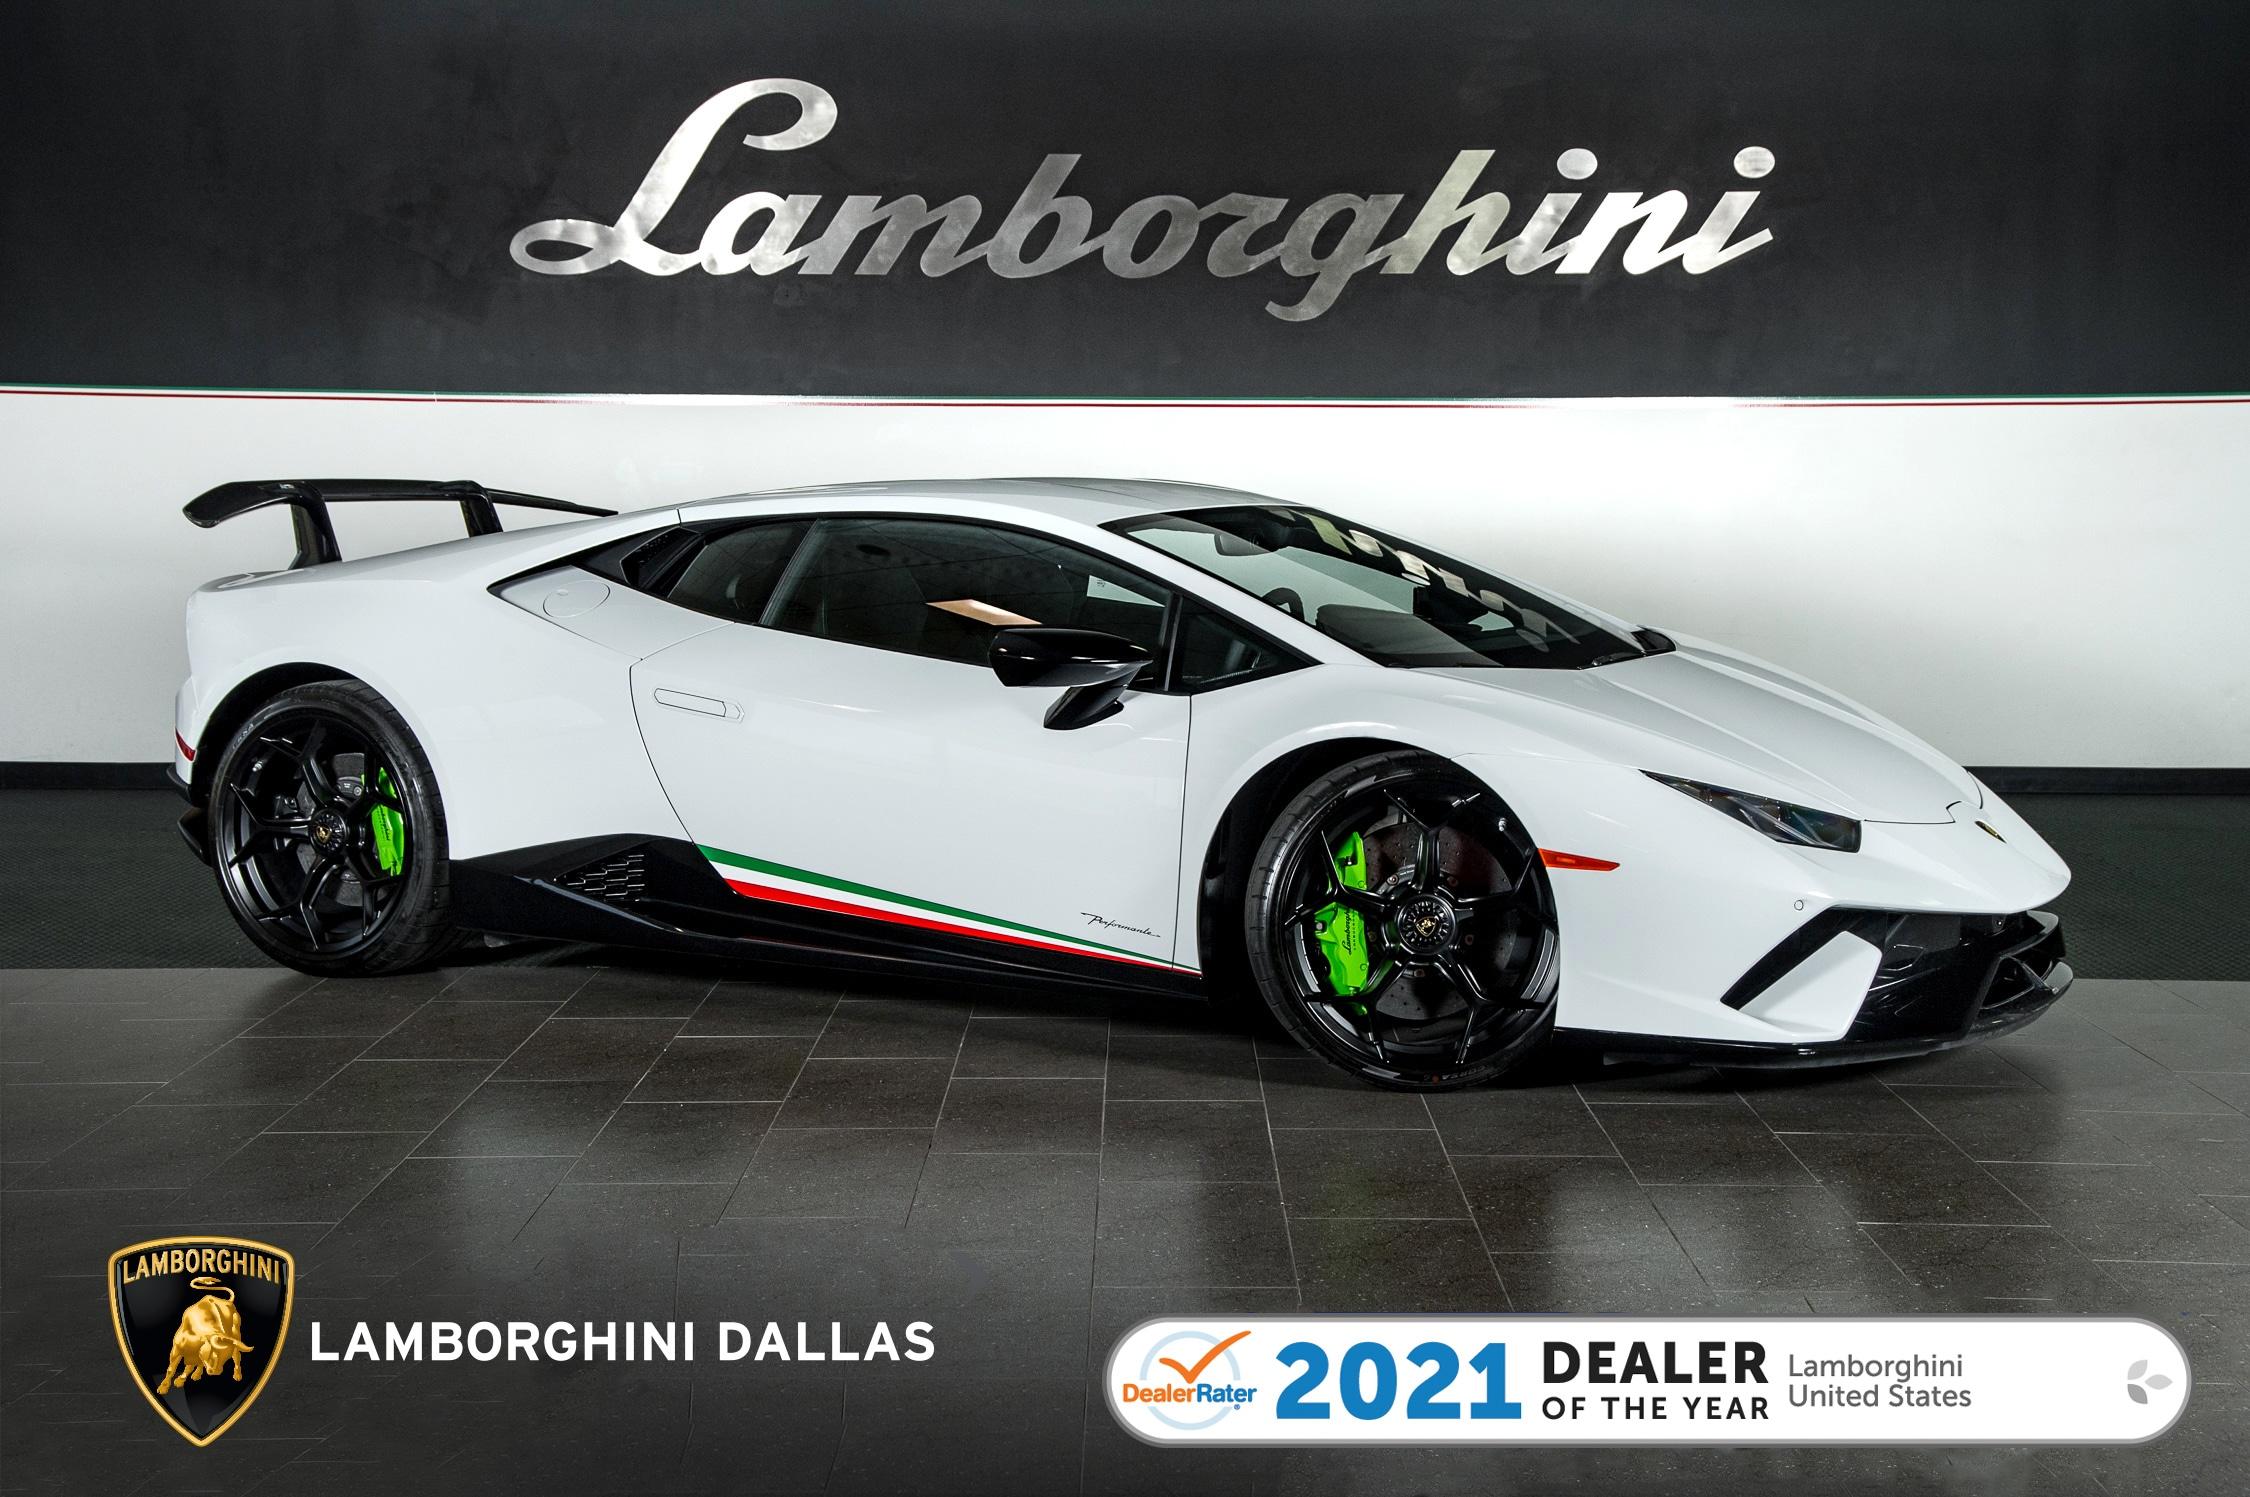 used 2018 Lamborghini Huracan Performante car, priced at $324,999